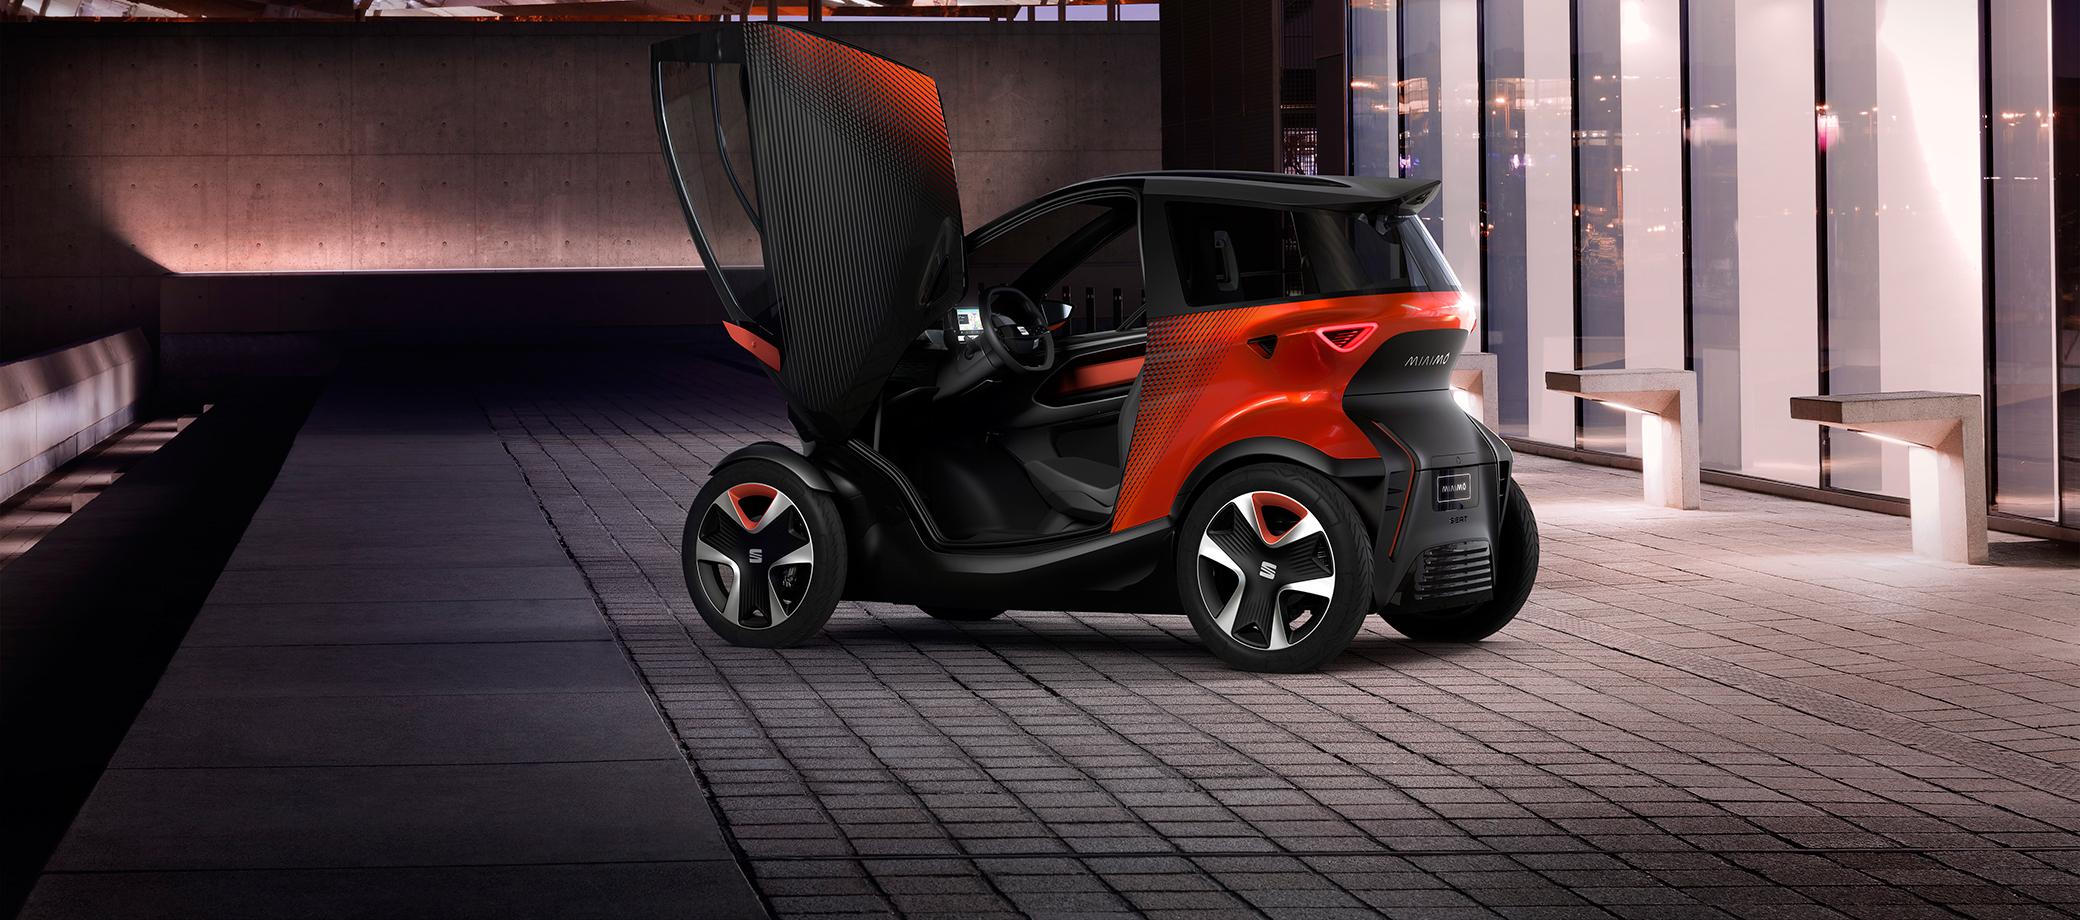 SEAT Minimó, el concepto revolucionario de la movilidad sostenible